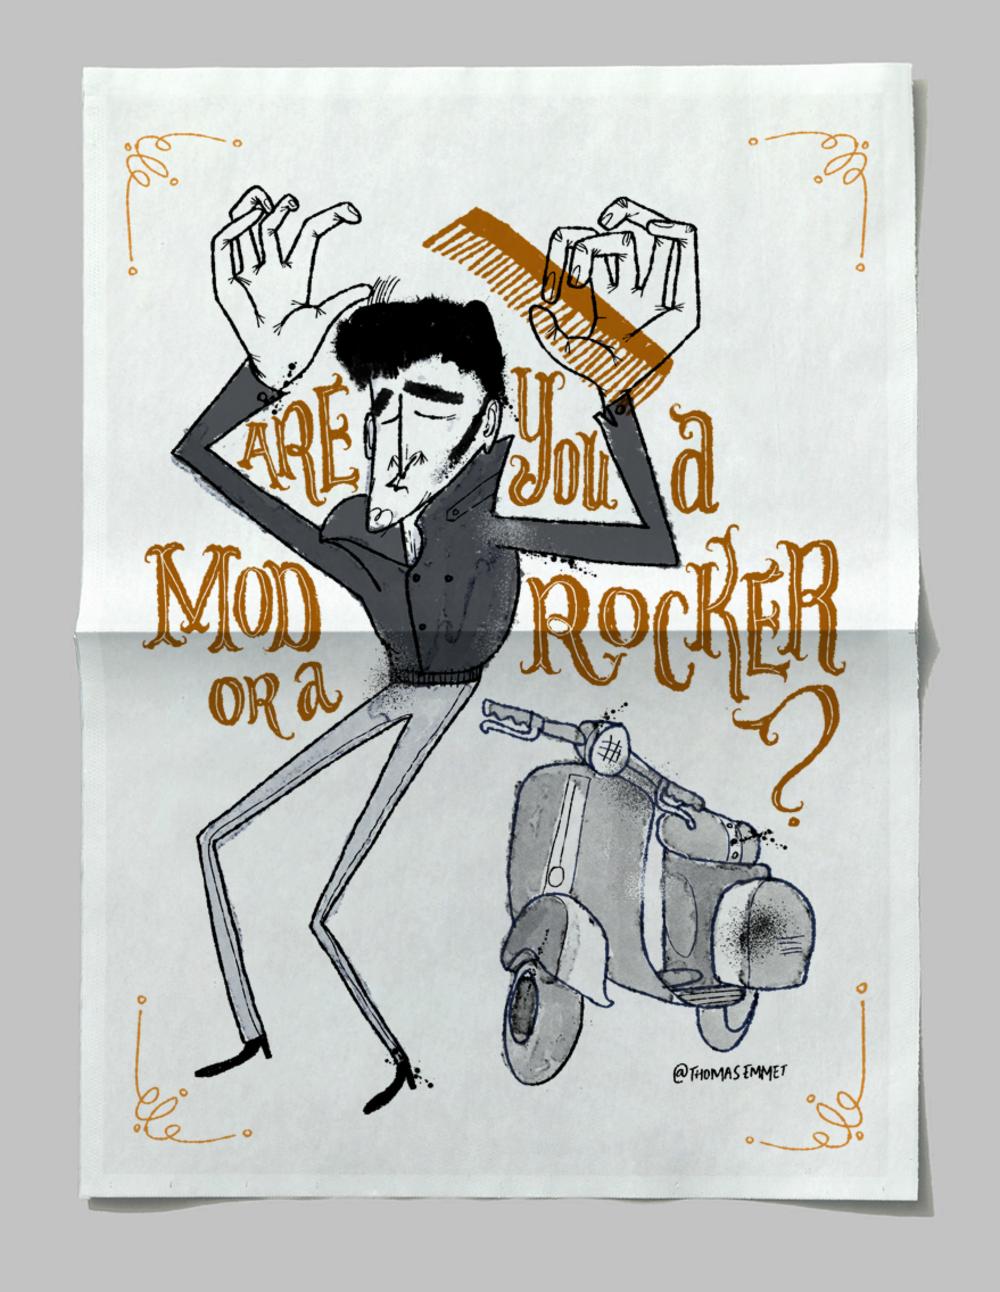 Mod or Rocker